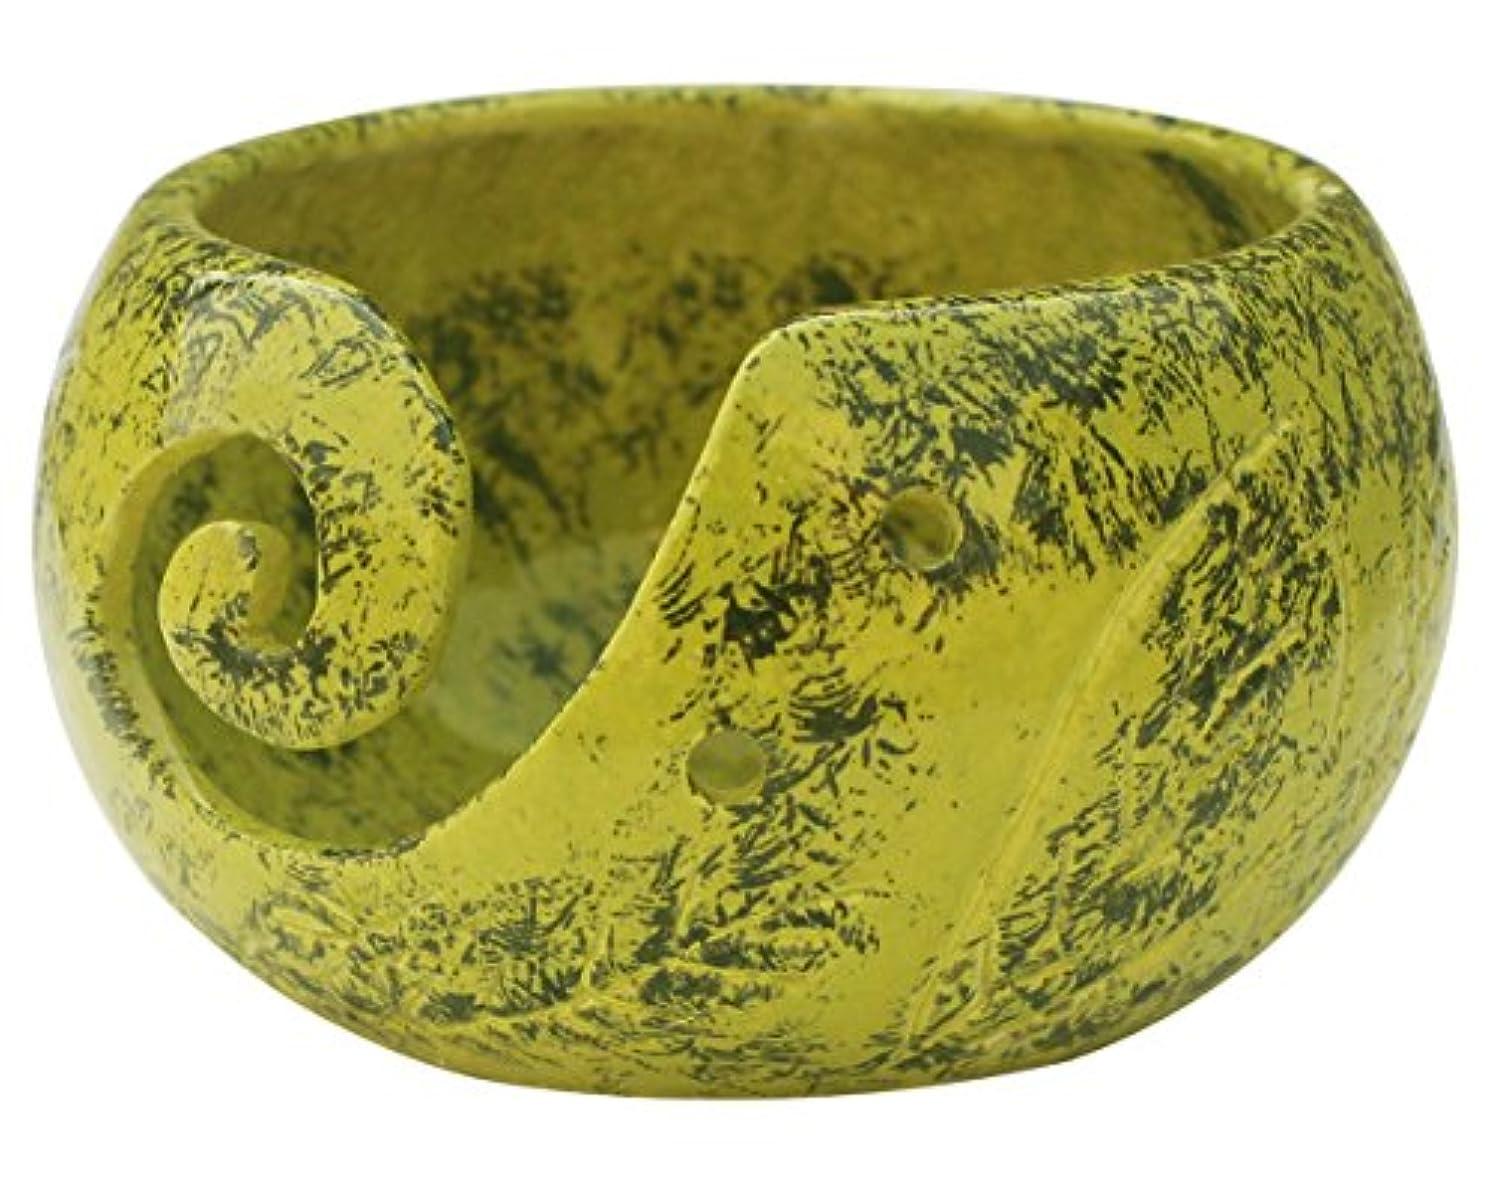 2018 -  ceramic 7